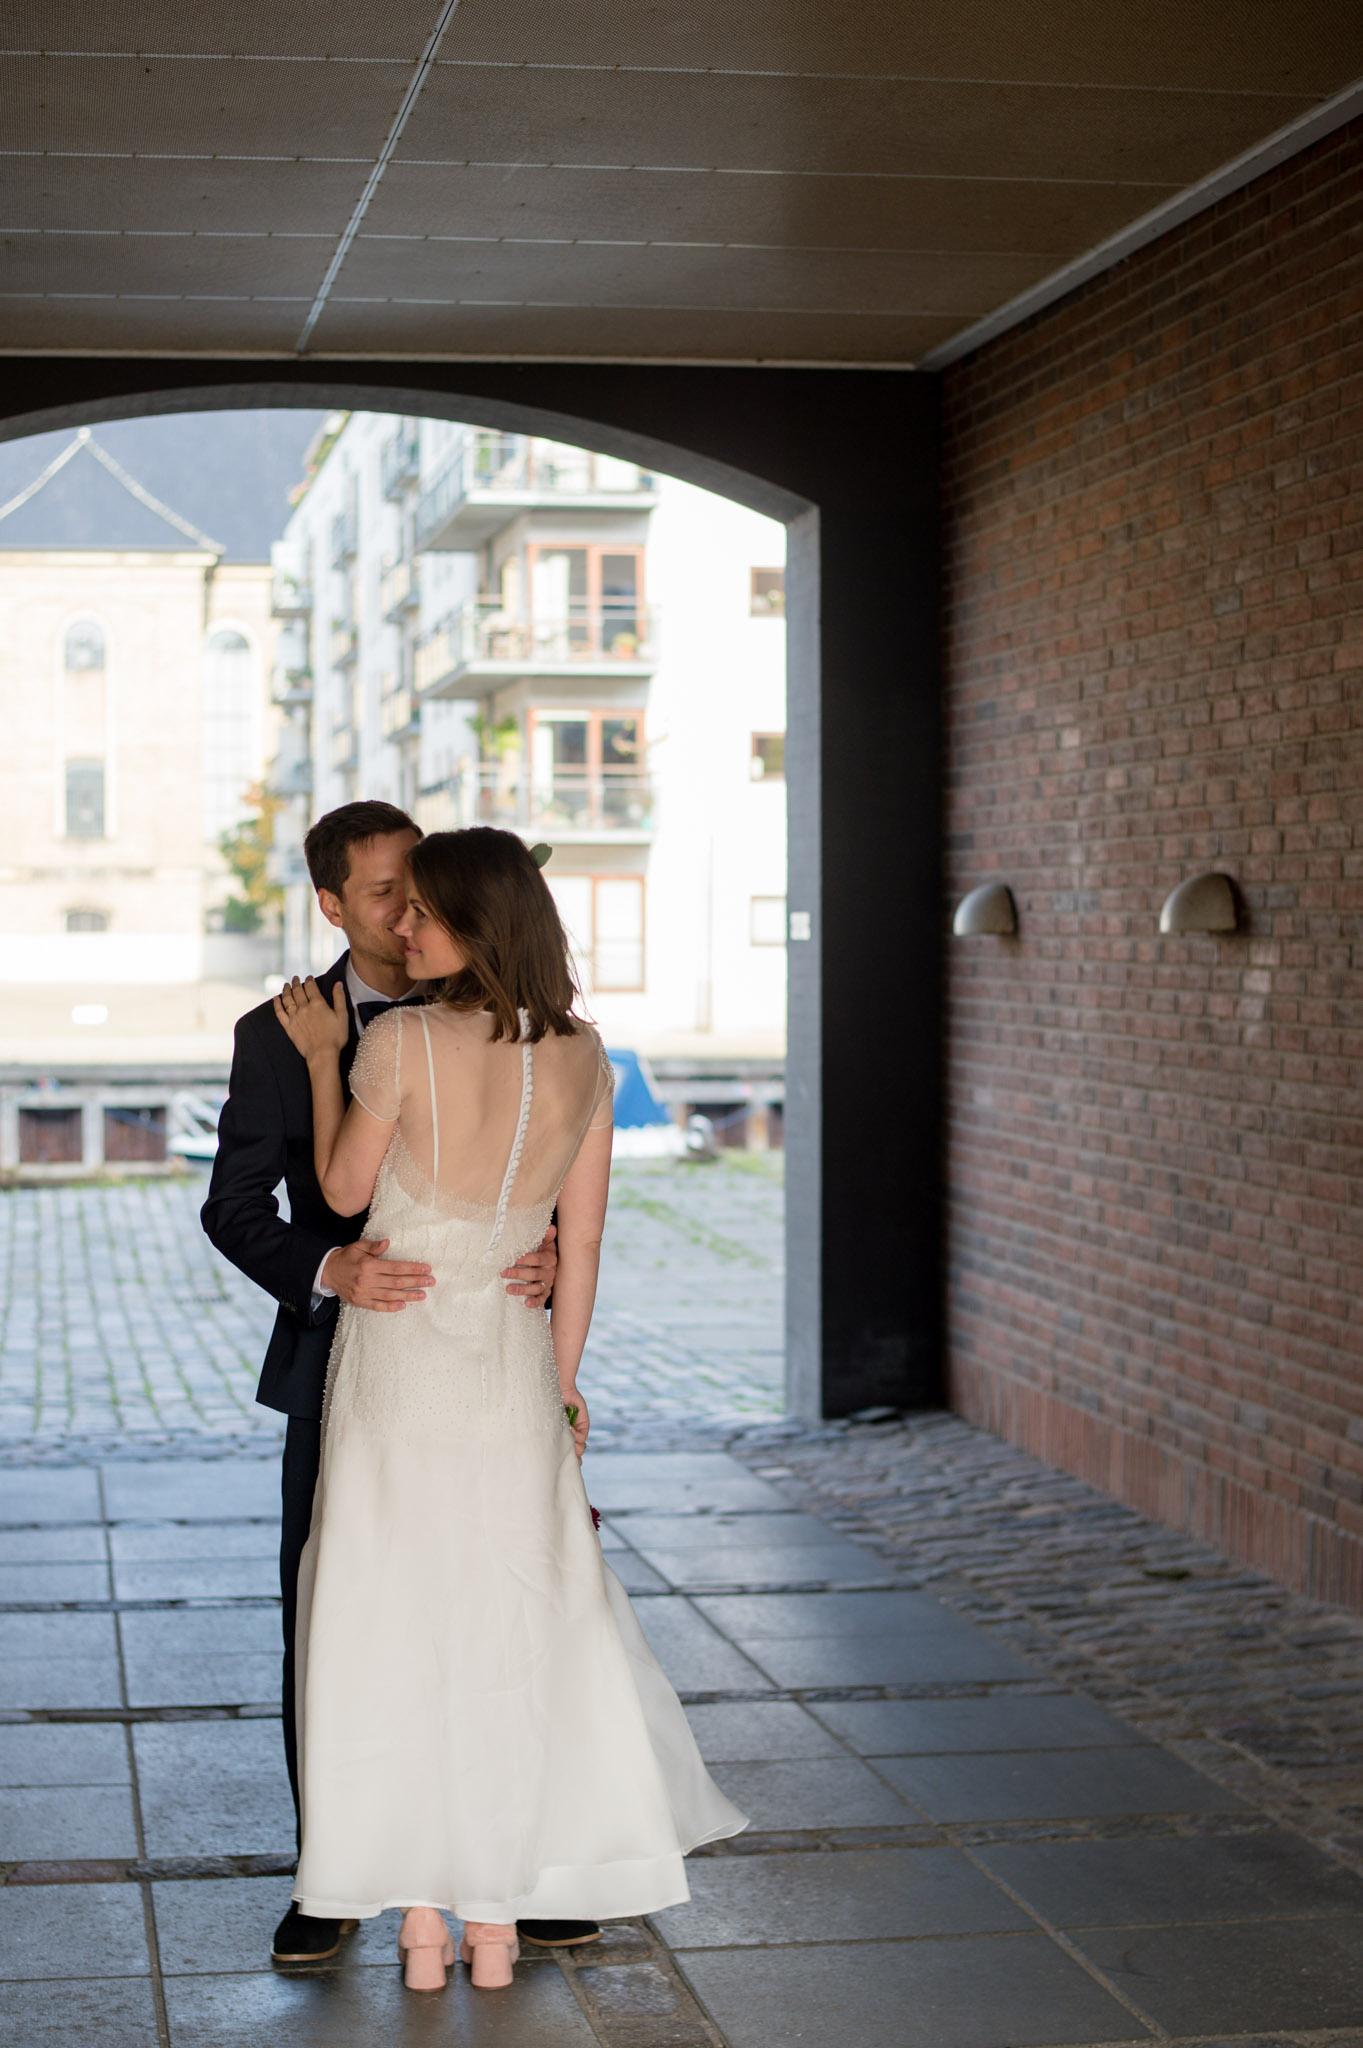 bryllupsfotograf-københavn- (51 of 67).JPG